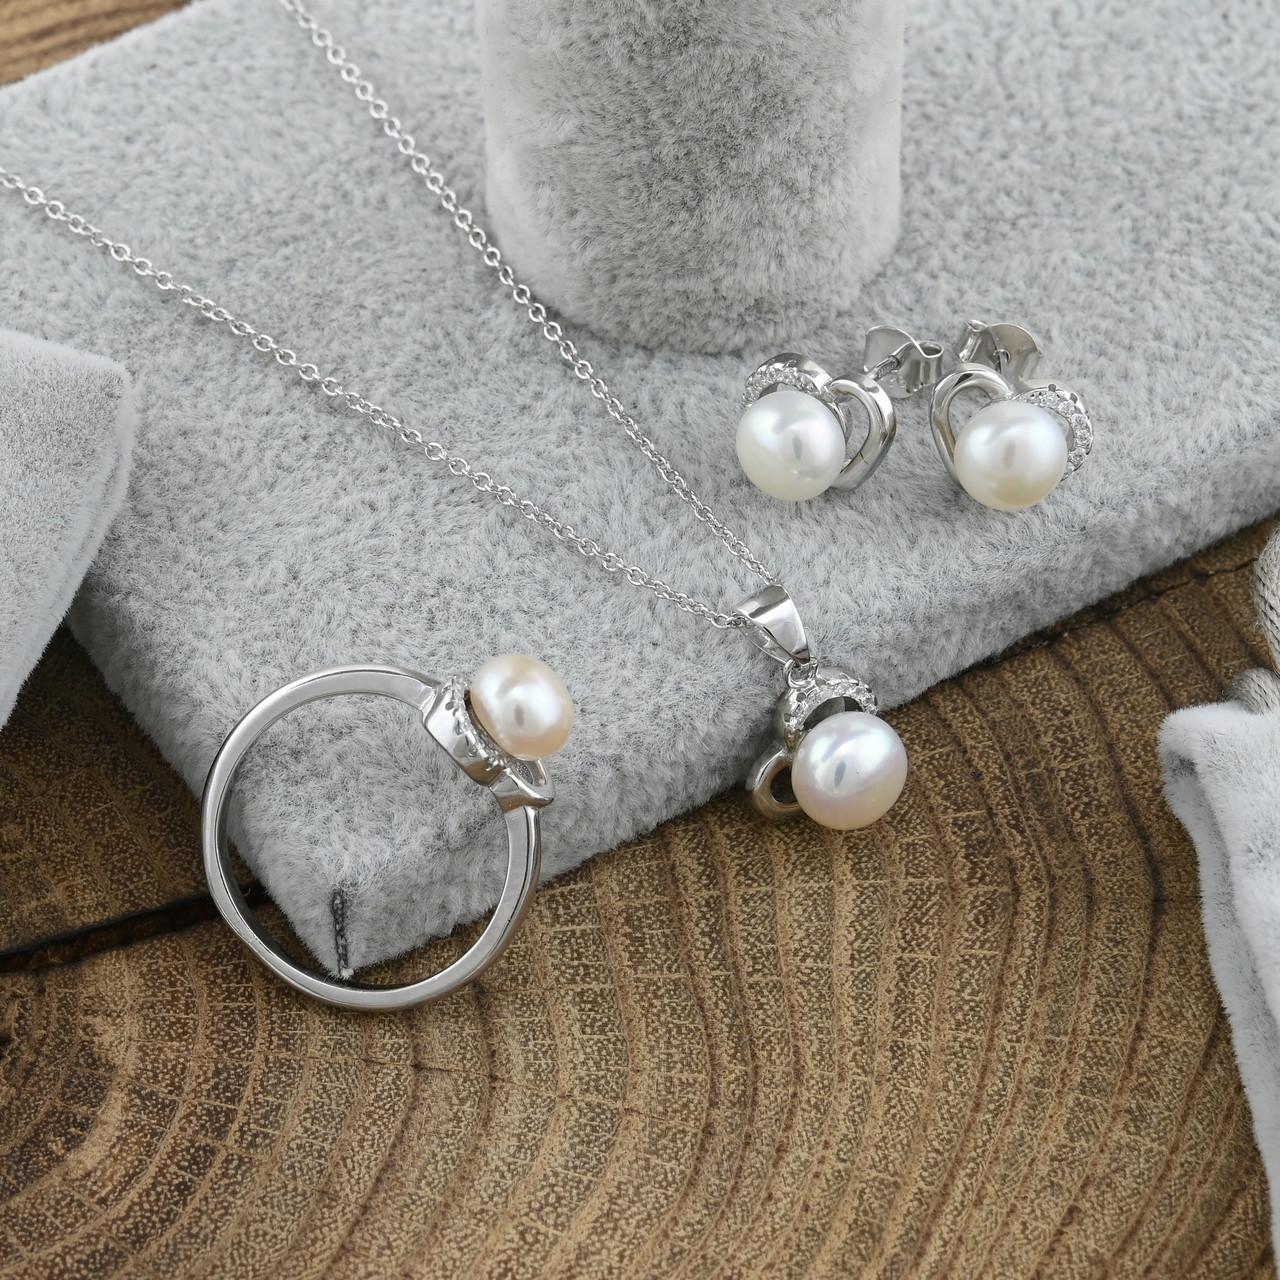 Серебряный набор кольцо + цепочка 40+5 см + серьги 8х10 мм + кулон 18х8 мм вставка искусственный размер 17